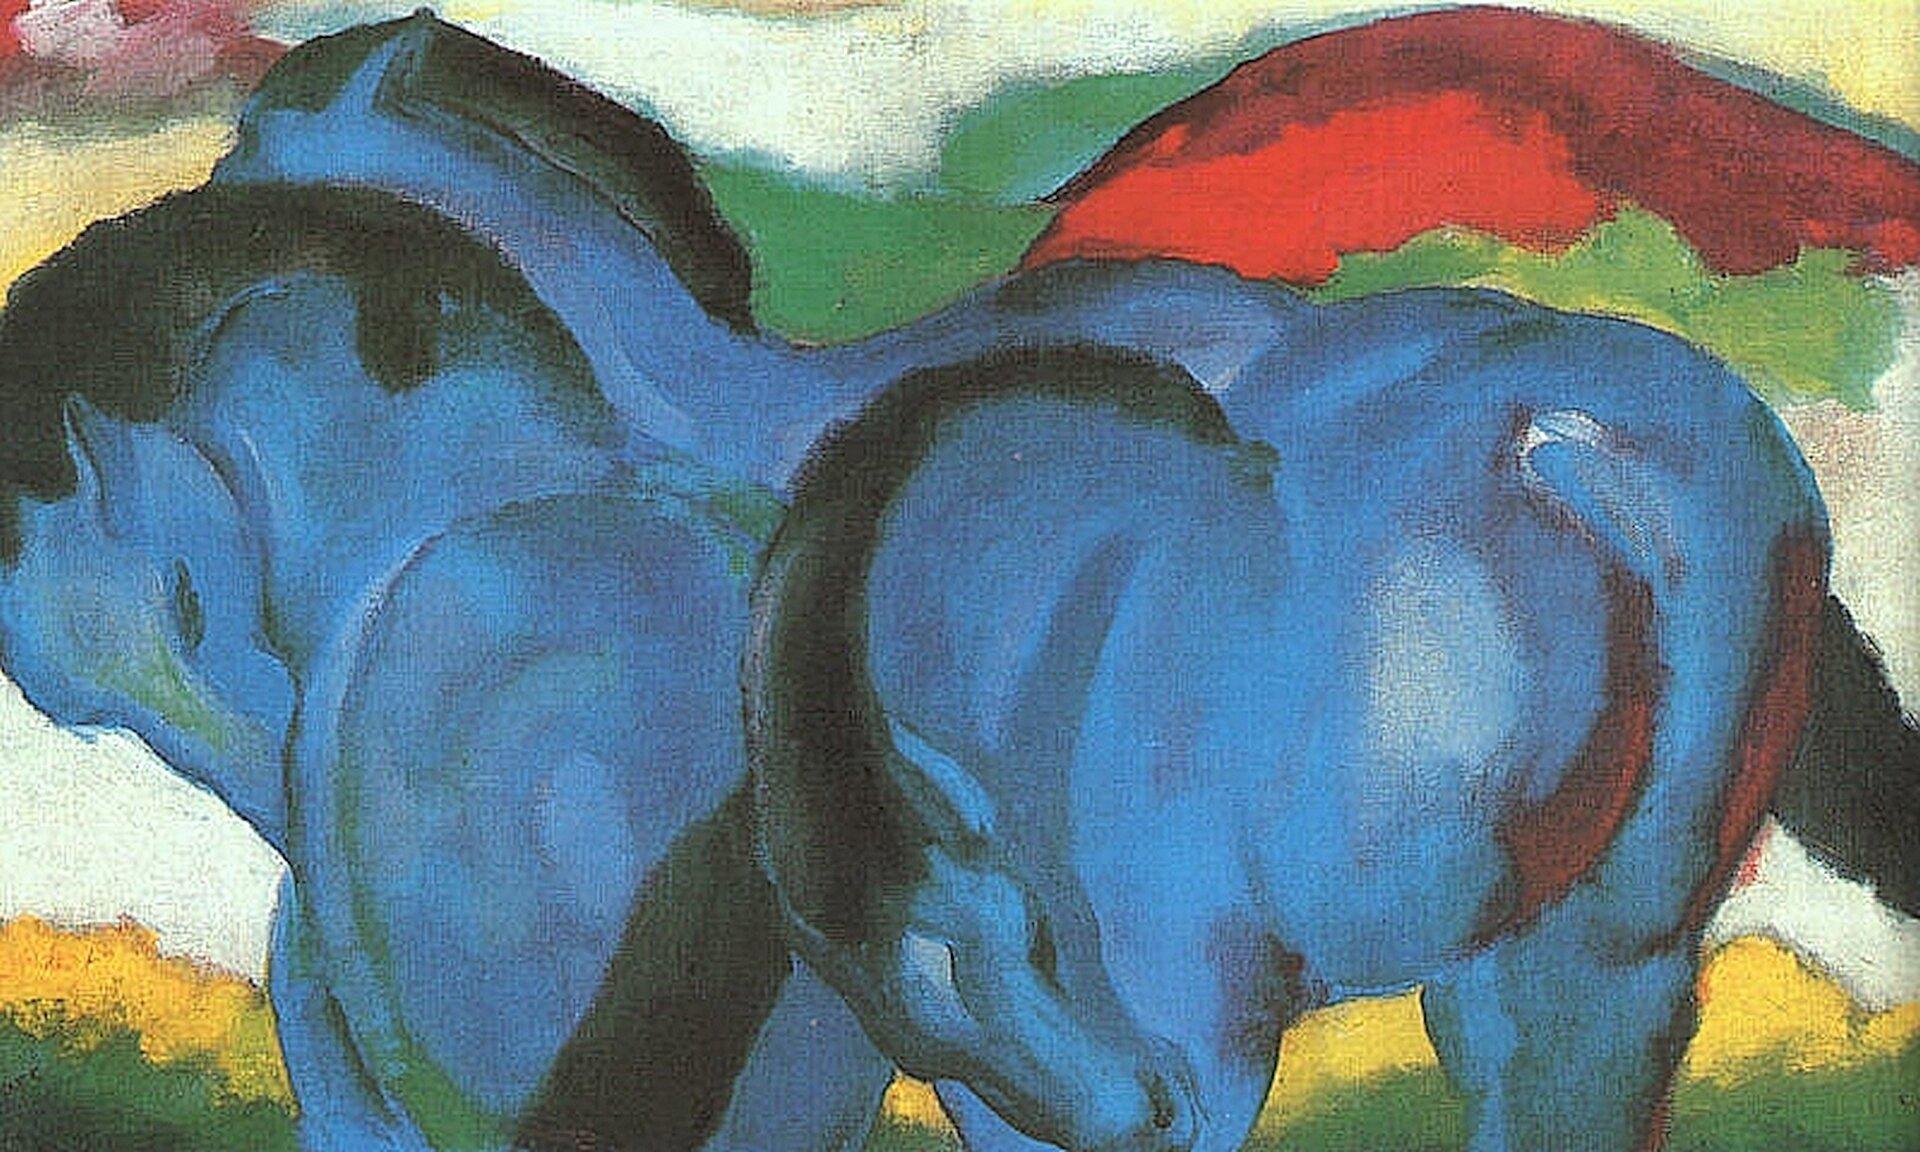 """Ilustracja przedstawia dzieło Franza Marca pt. """"Mały niebieski koń"""". Artysta przedstawił trzy niebieskie konie, które odwrócone są tyłem do odbiorcy. Konie mają czarne grzywy iogony."""